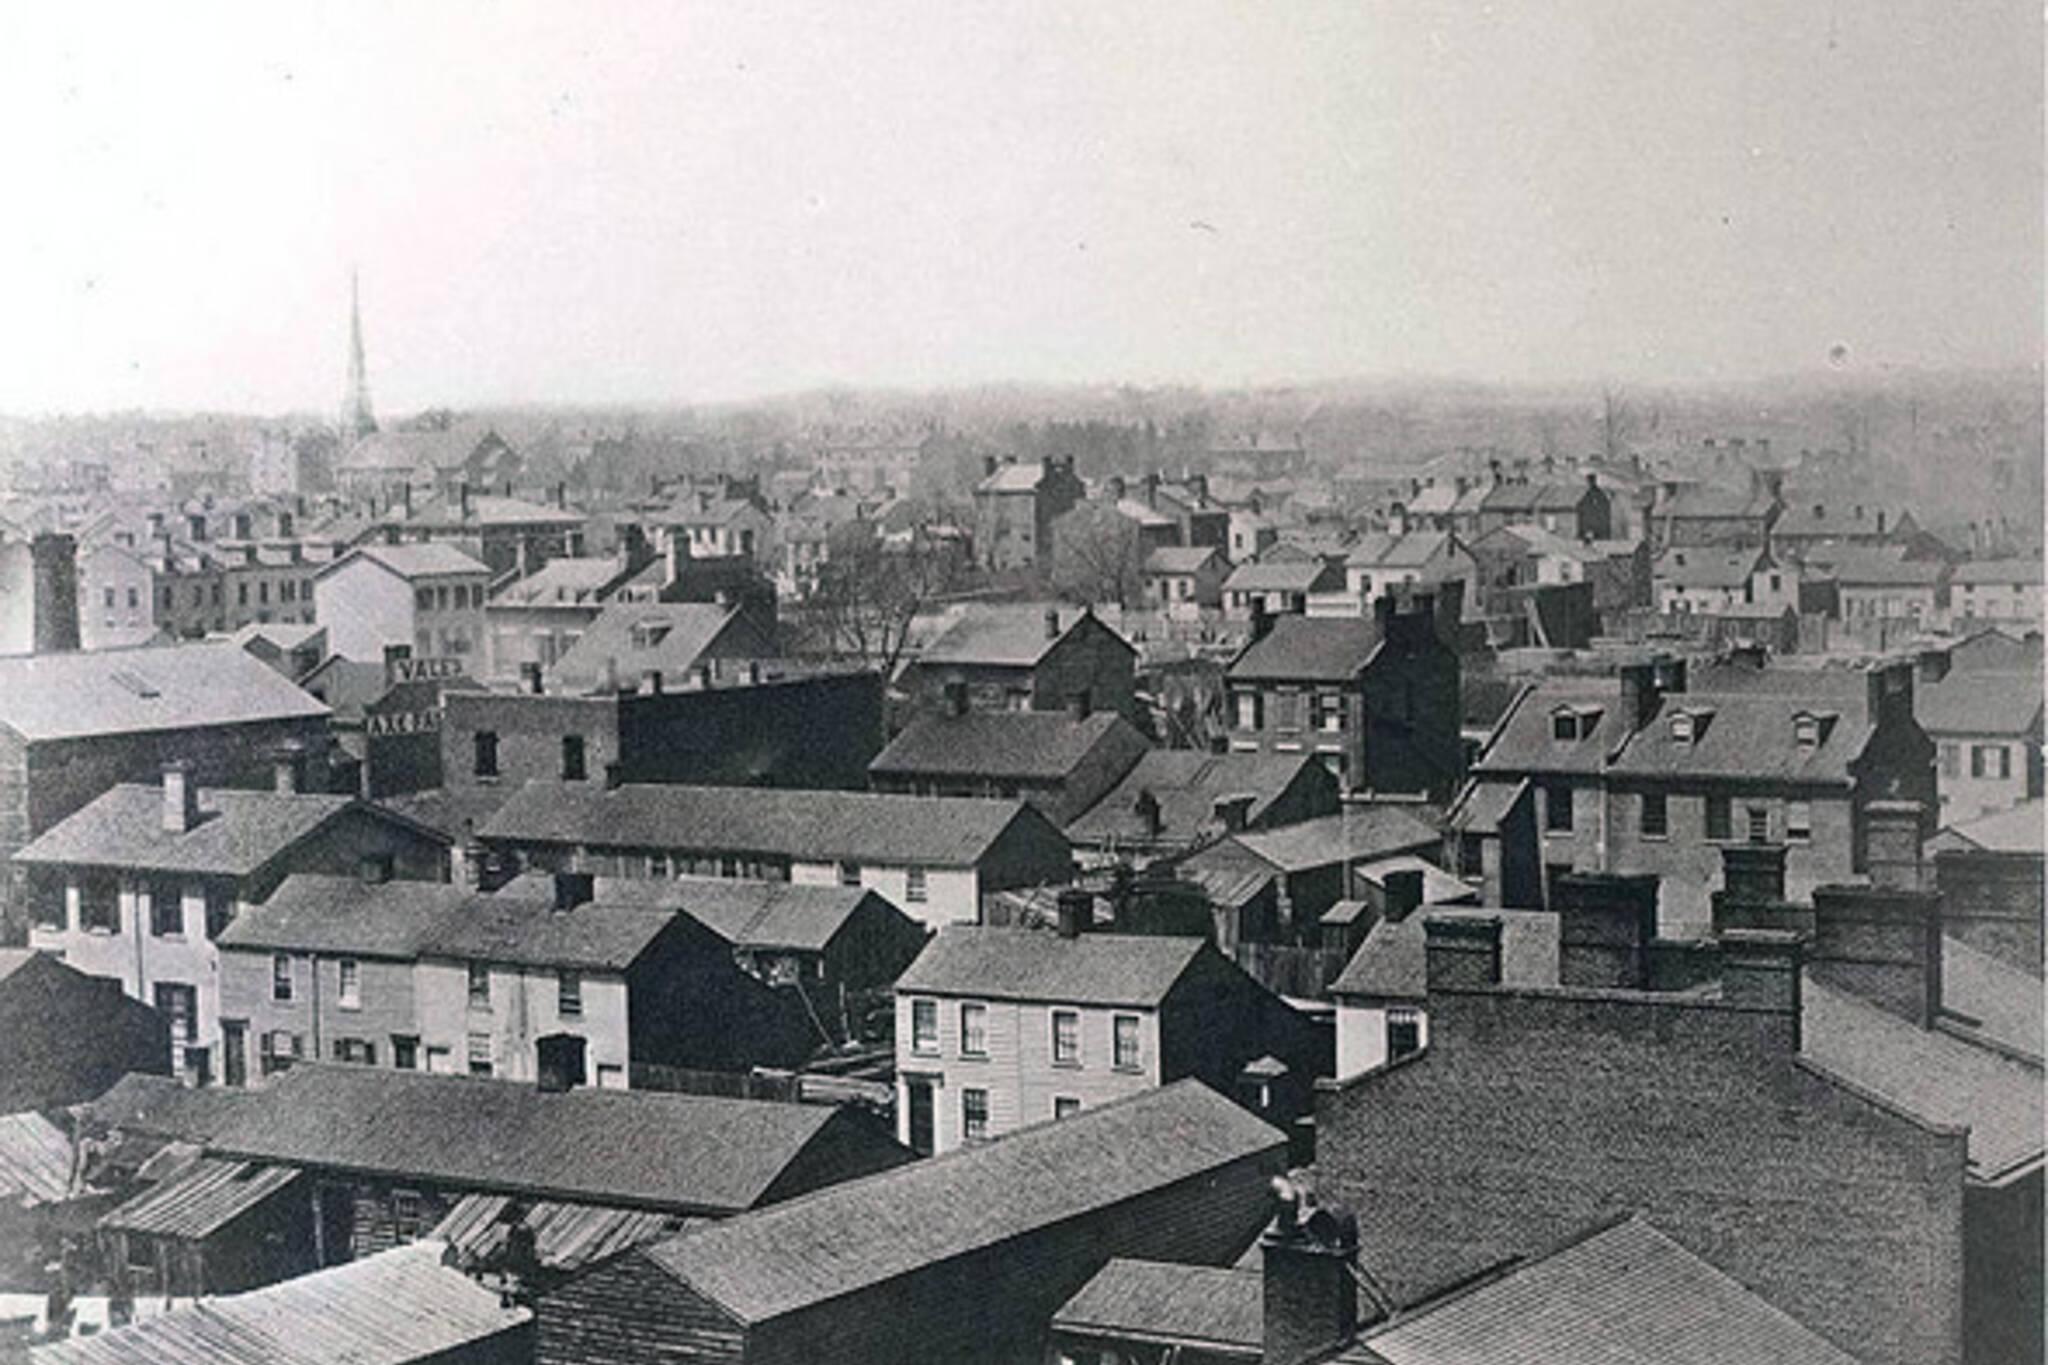 Toronto 1850s